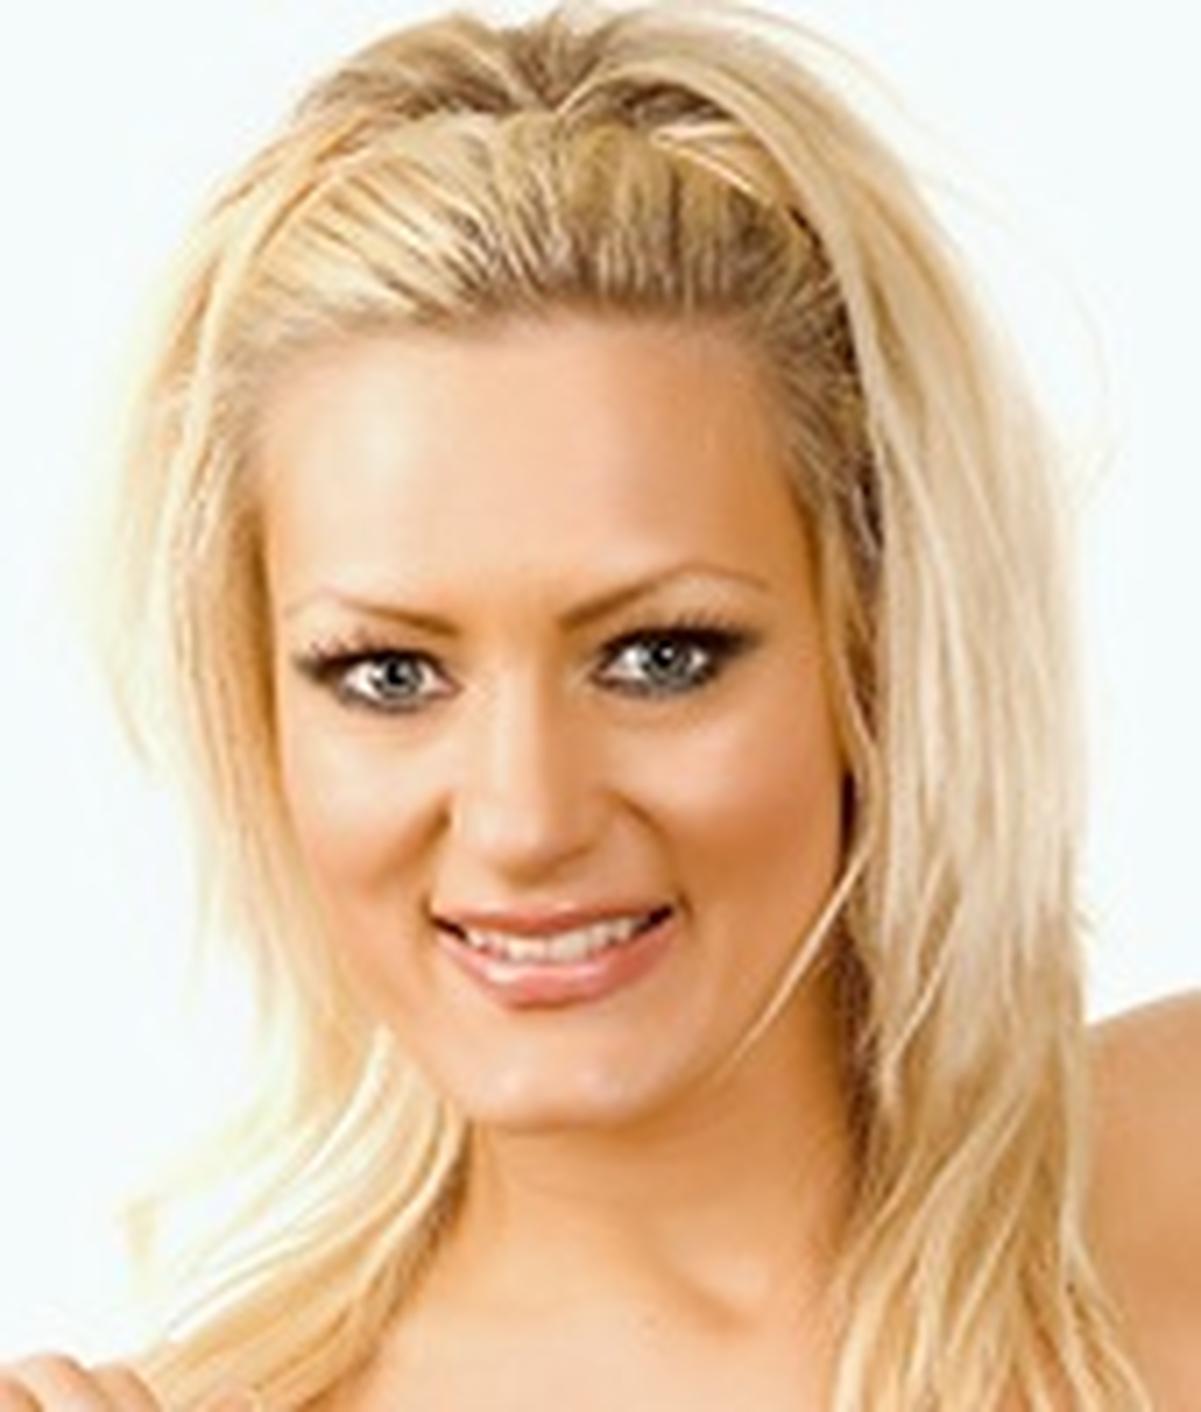 Emma Kate Dawson